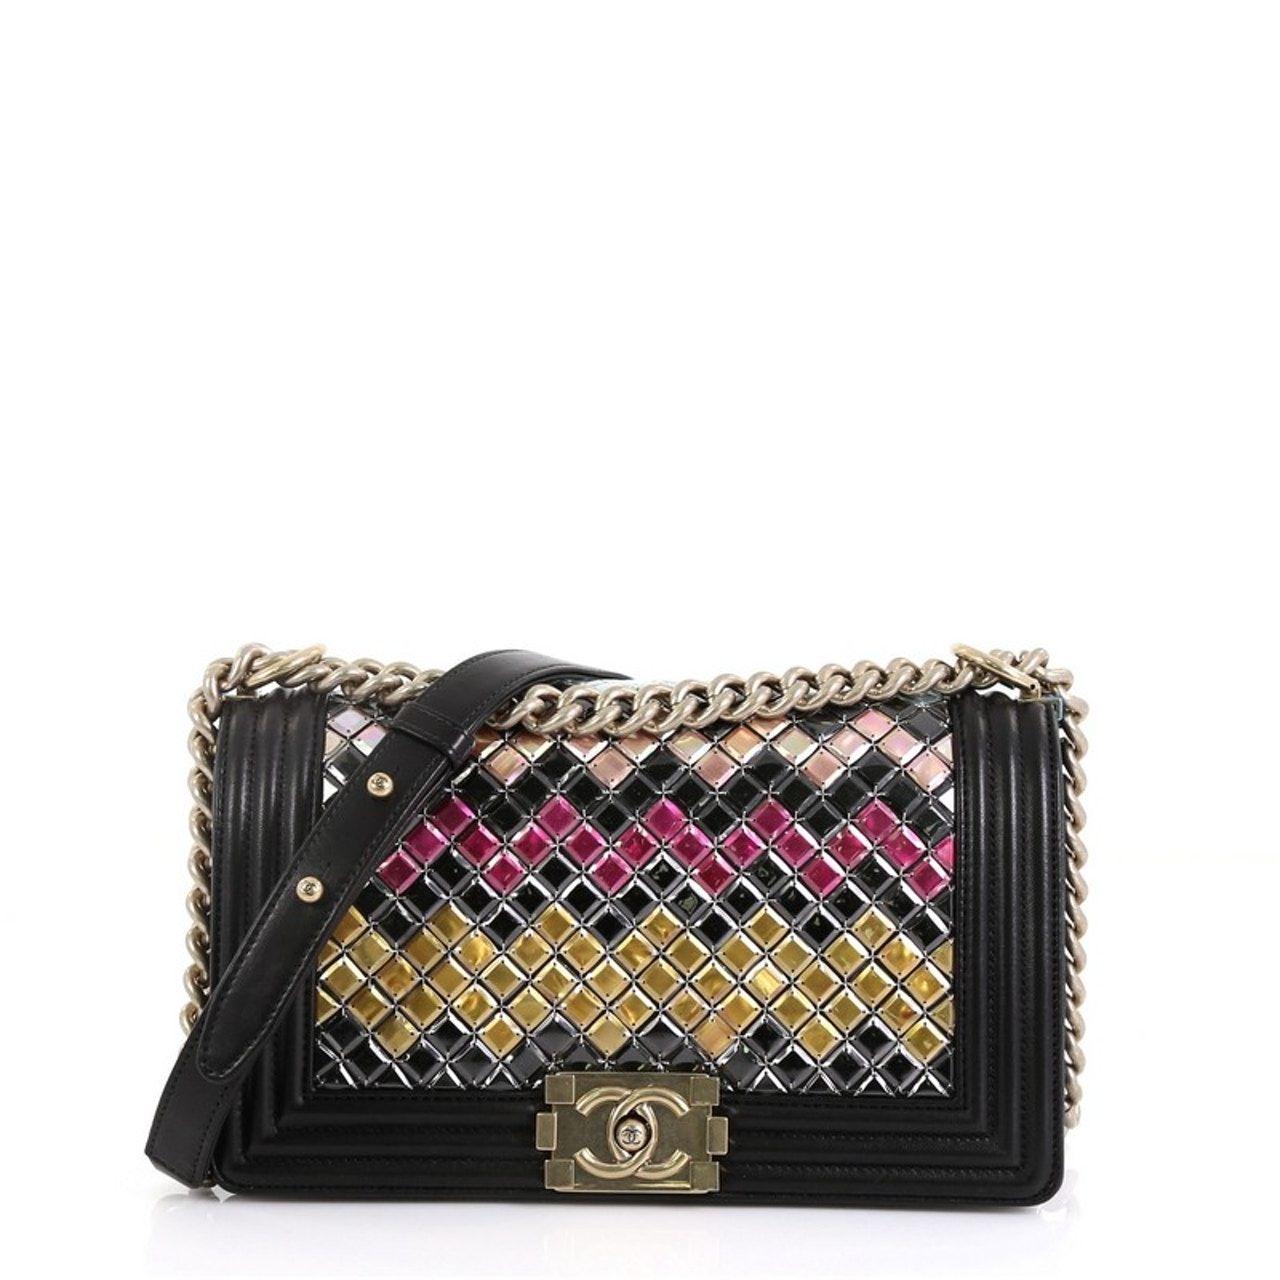 est retail 8,500 LEPRIX 4,225 Black leather handbags